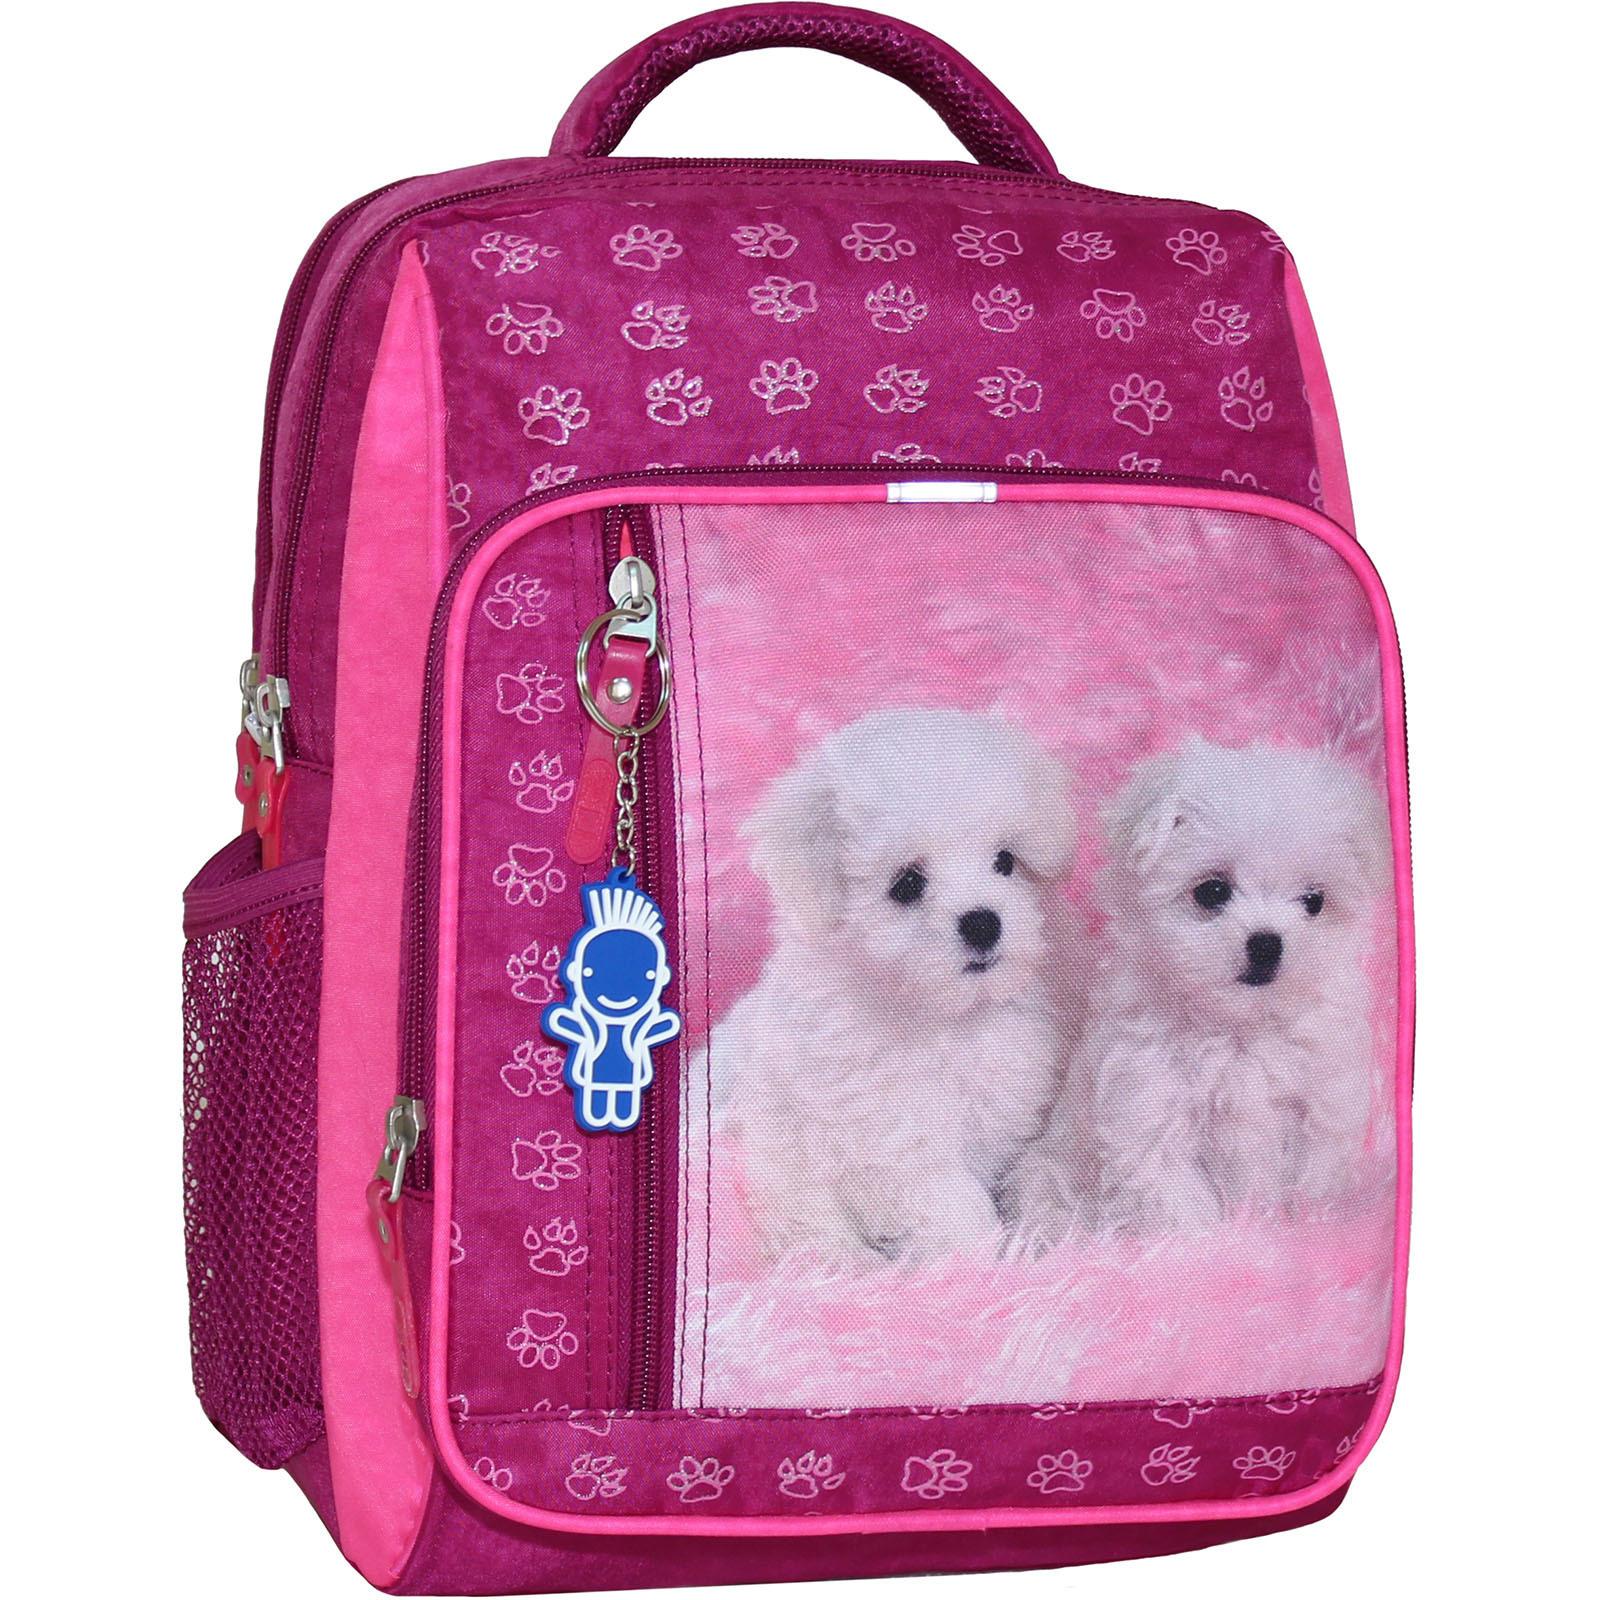 Школьные рюкзаки Рюкзак школьный Bagland Школьник 8 л. 143 малиновый 137д (0012870) IMG_4766.JPG